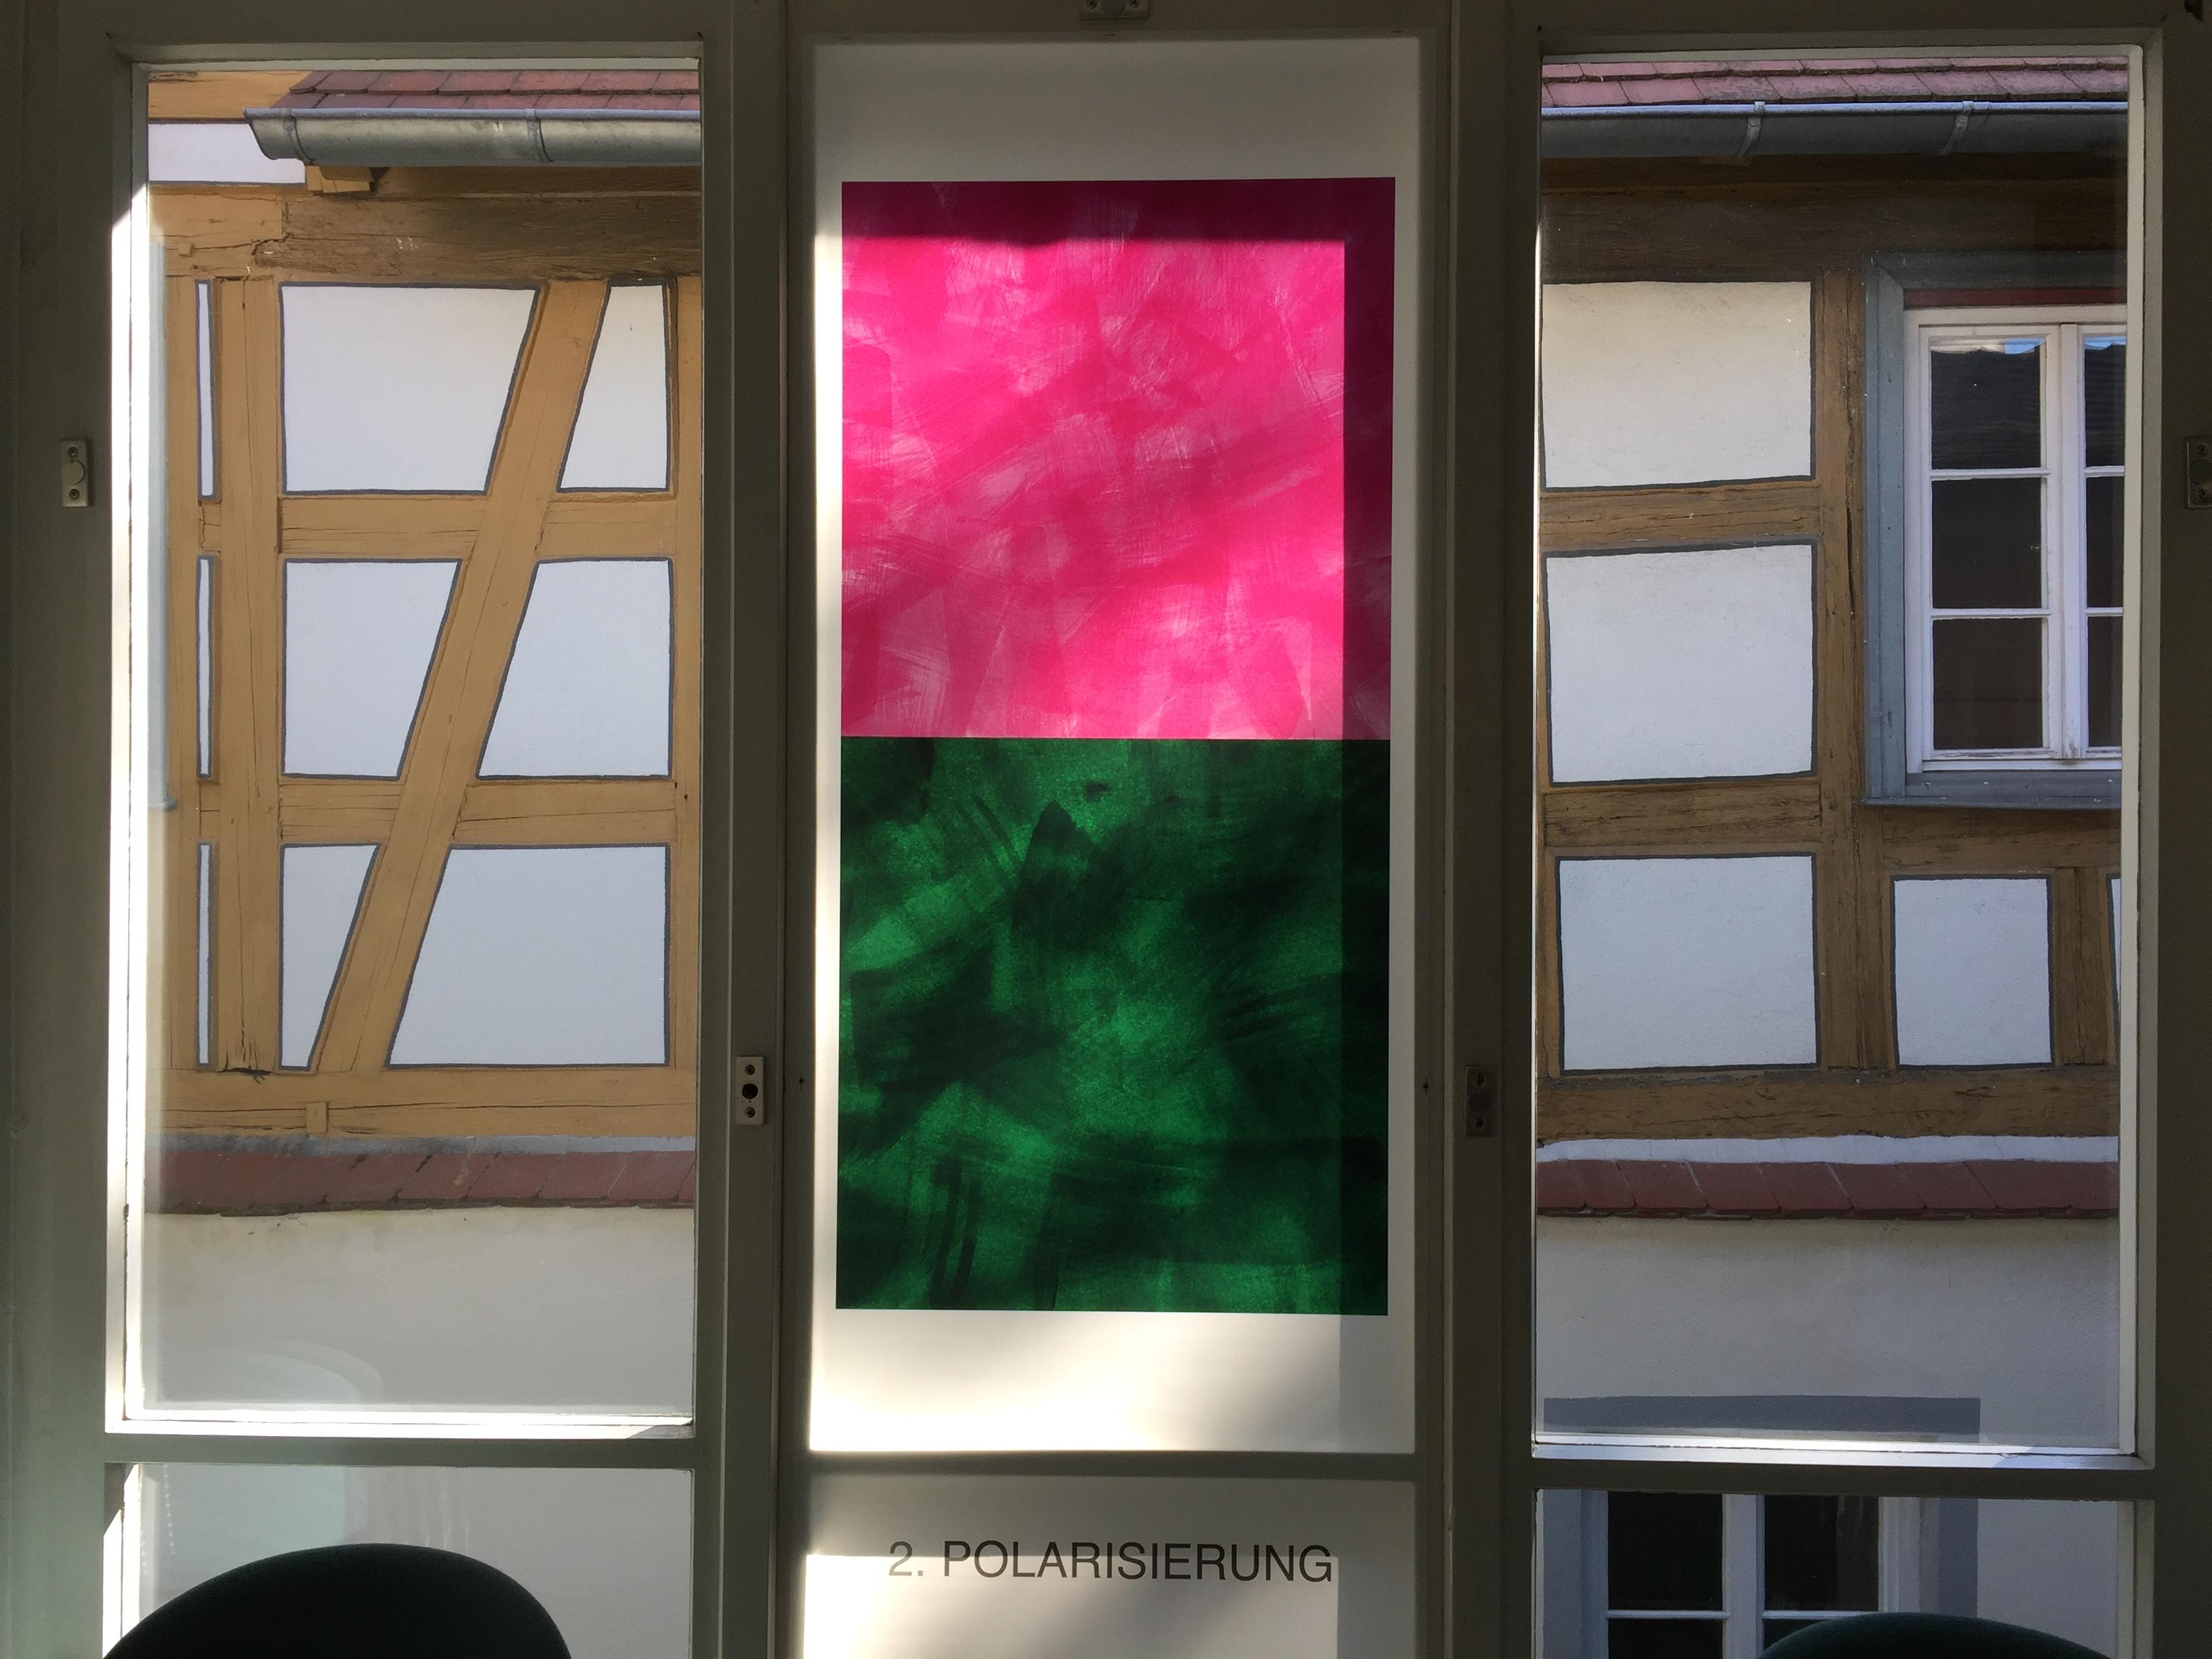 Ausstellung Galerie Spitalmühle, Schwäbisch Gmünd, 2018